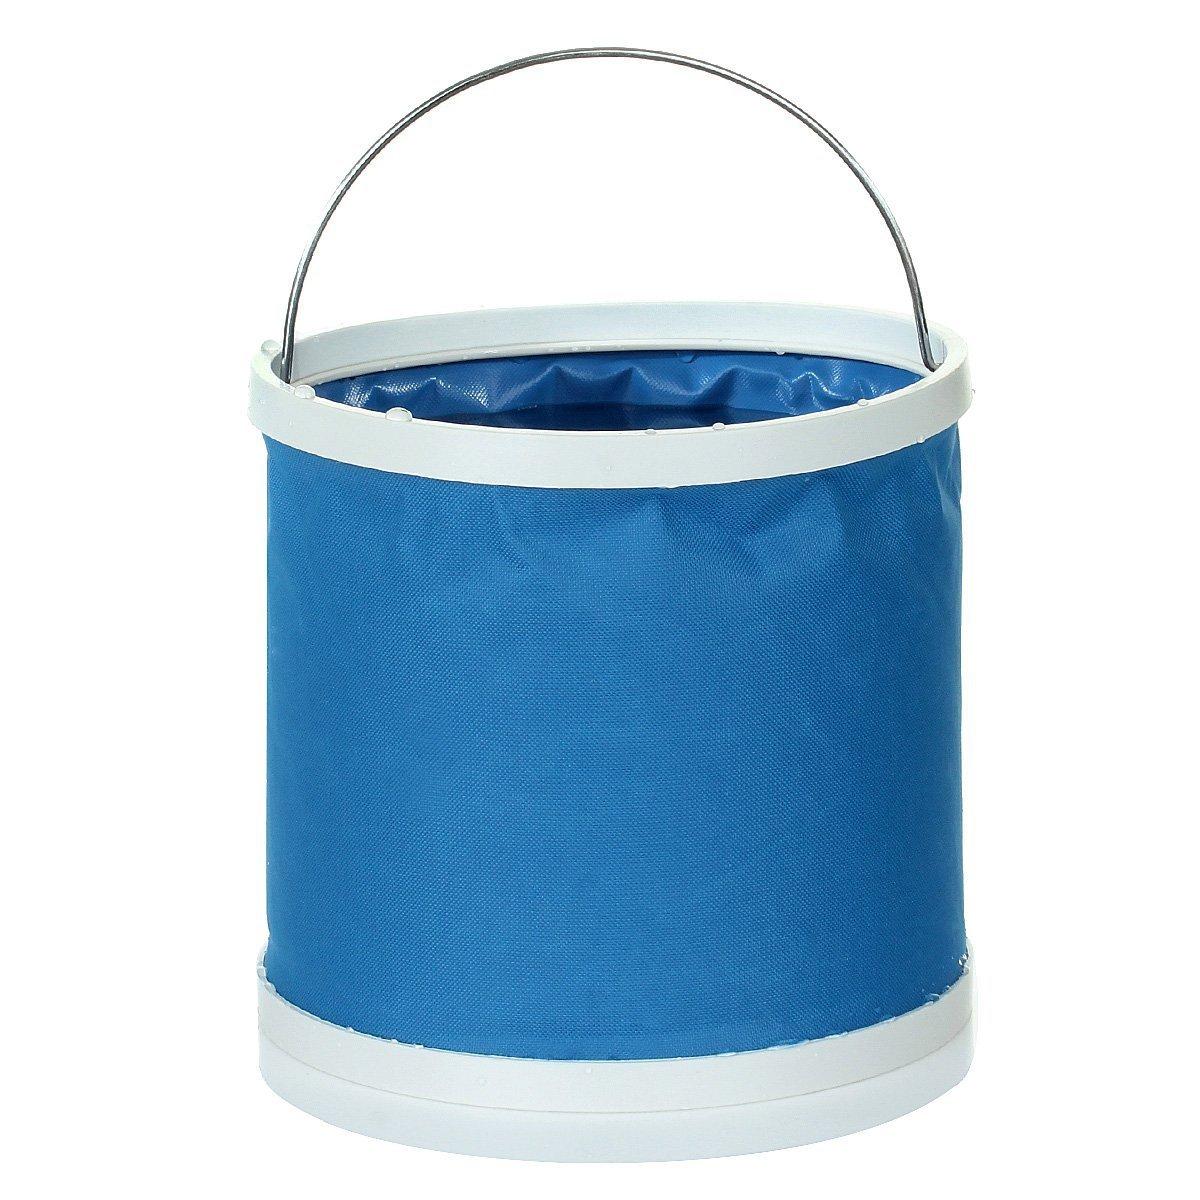 morebeauty 9L port/átil plegable Cubo para exterior Viaje Camping Pesca de barcos Car Washing Bucket Barril